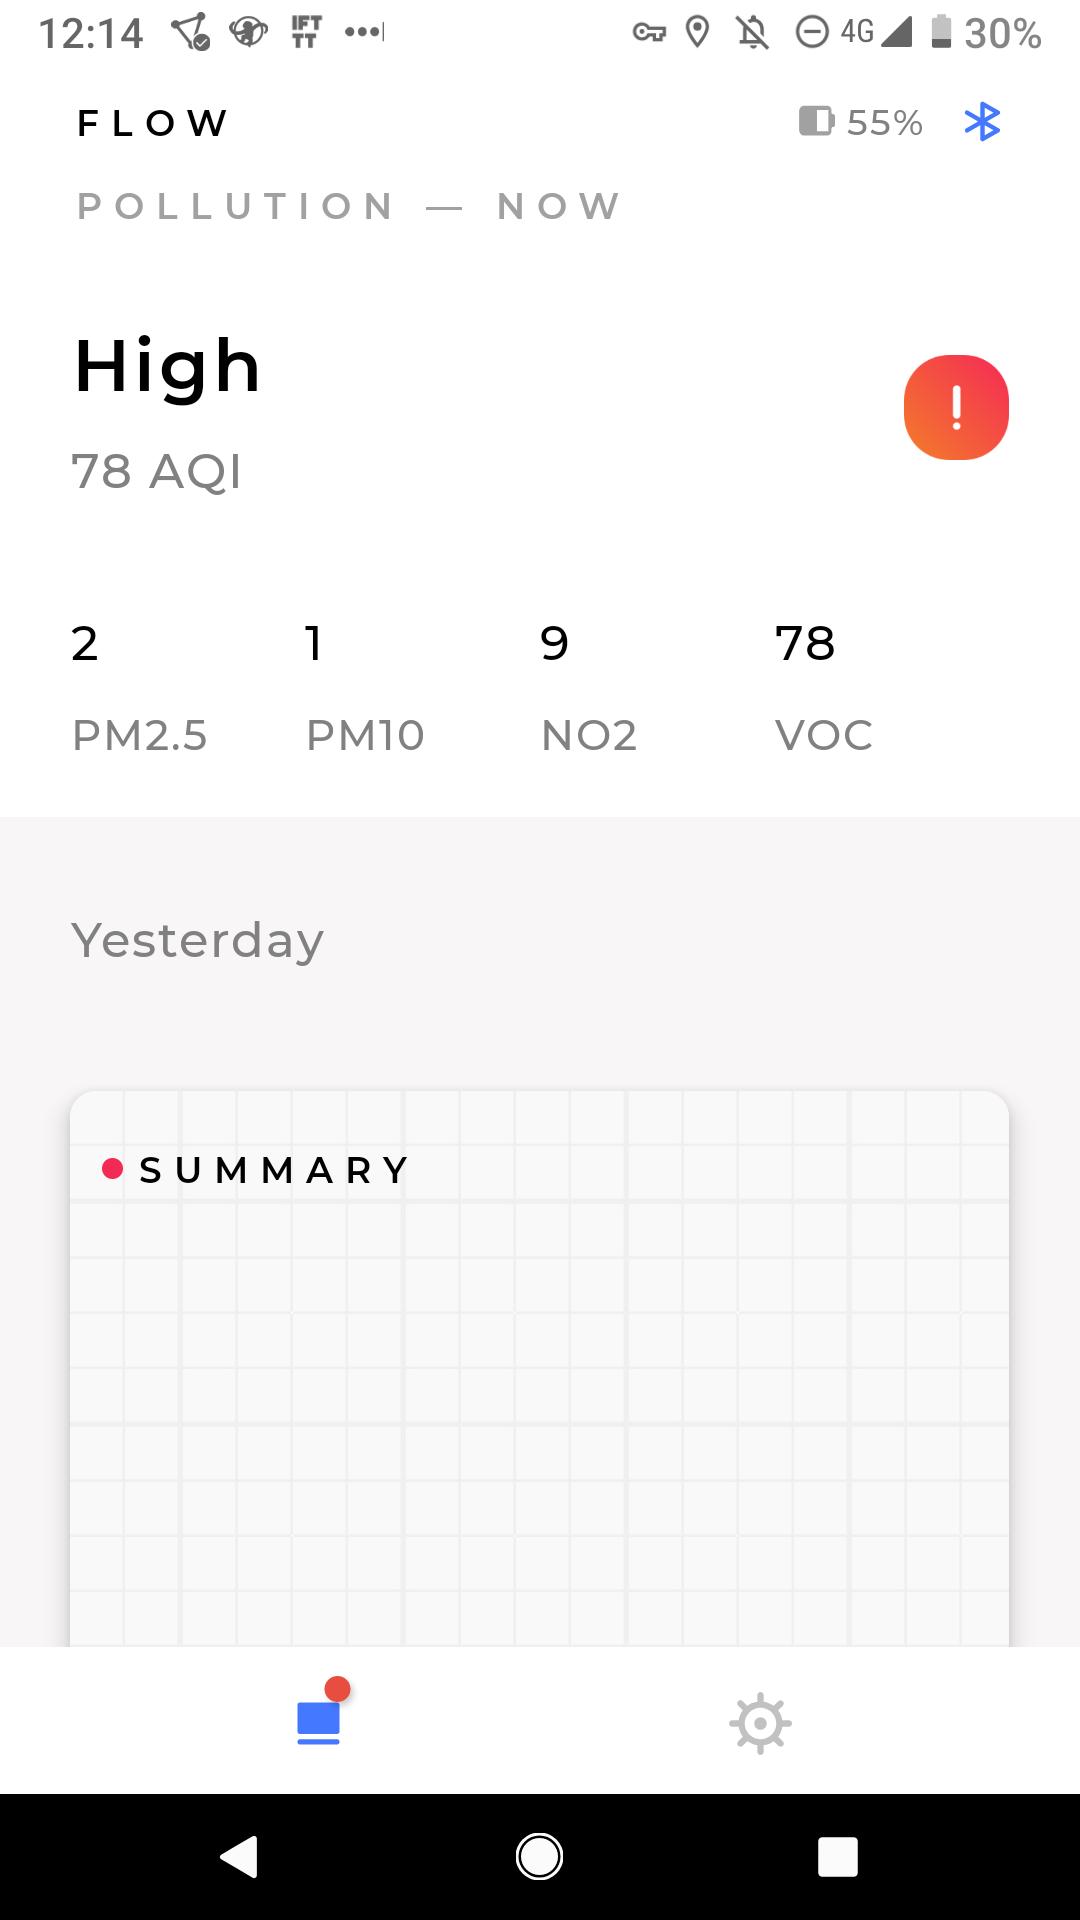 Màn hình app của máy đo cầm tay Plume hiển thị giá trị AQI của các chất PM2.5; PM10; NO2 và VOC. Trong hình, AQI của VOC có giá trị lớn nhất, nên chỉ số chất lượng không khí của điểm đo là 78